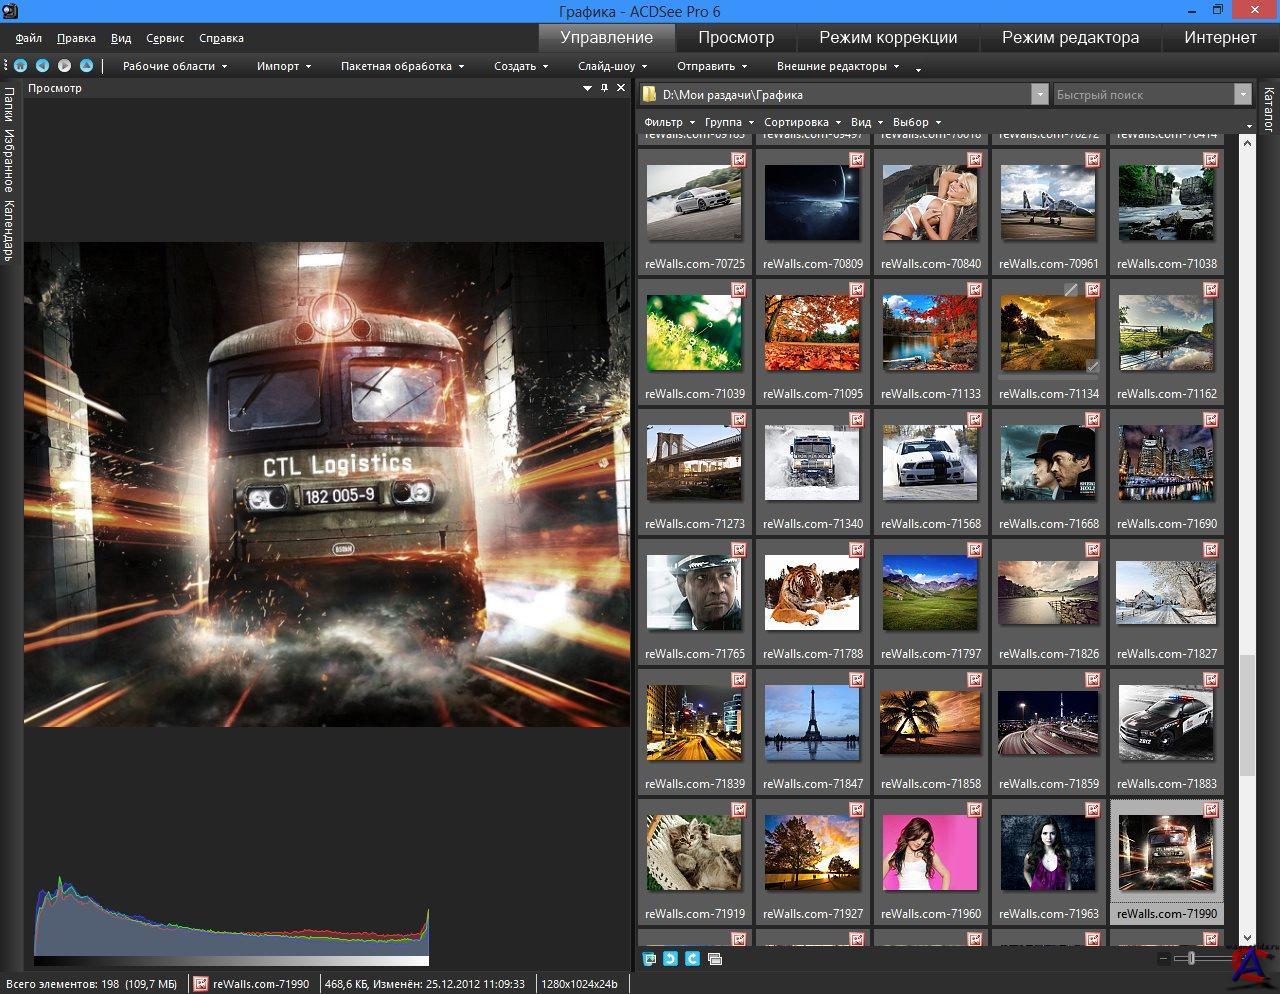 Скачать бесплатно ACDSee Pro (2013) PC.